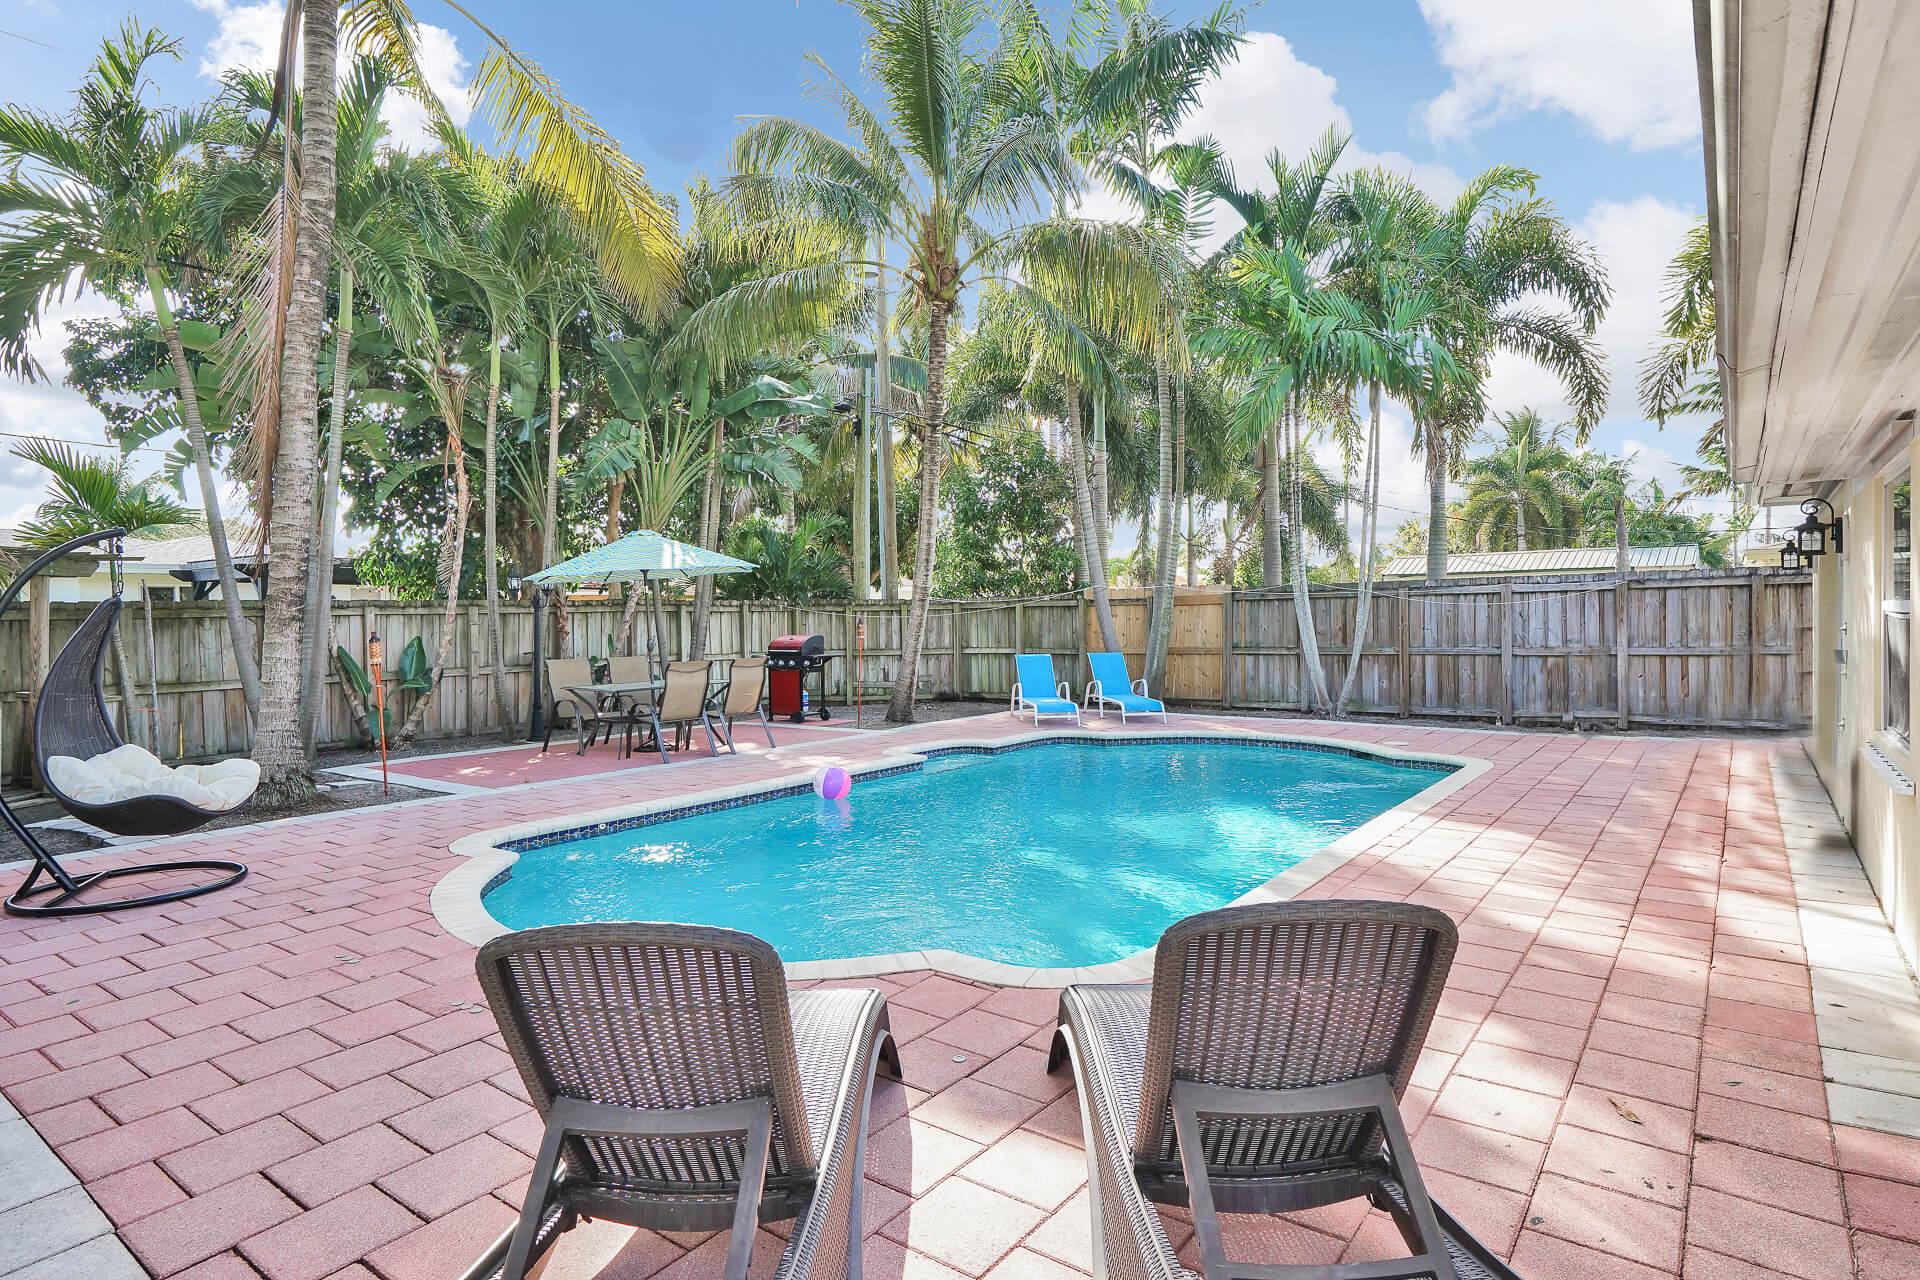 piscine exterieur d'une maison a fort lauderdale